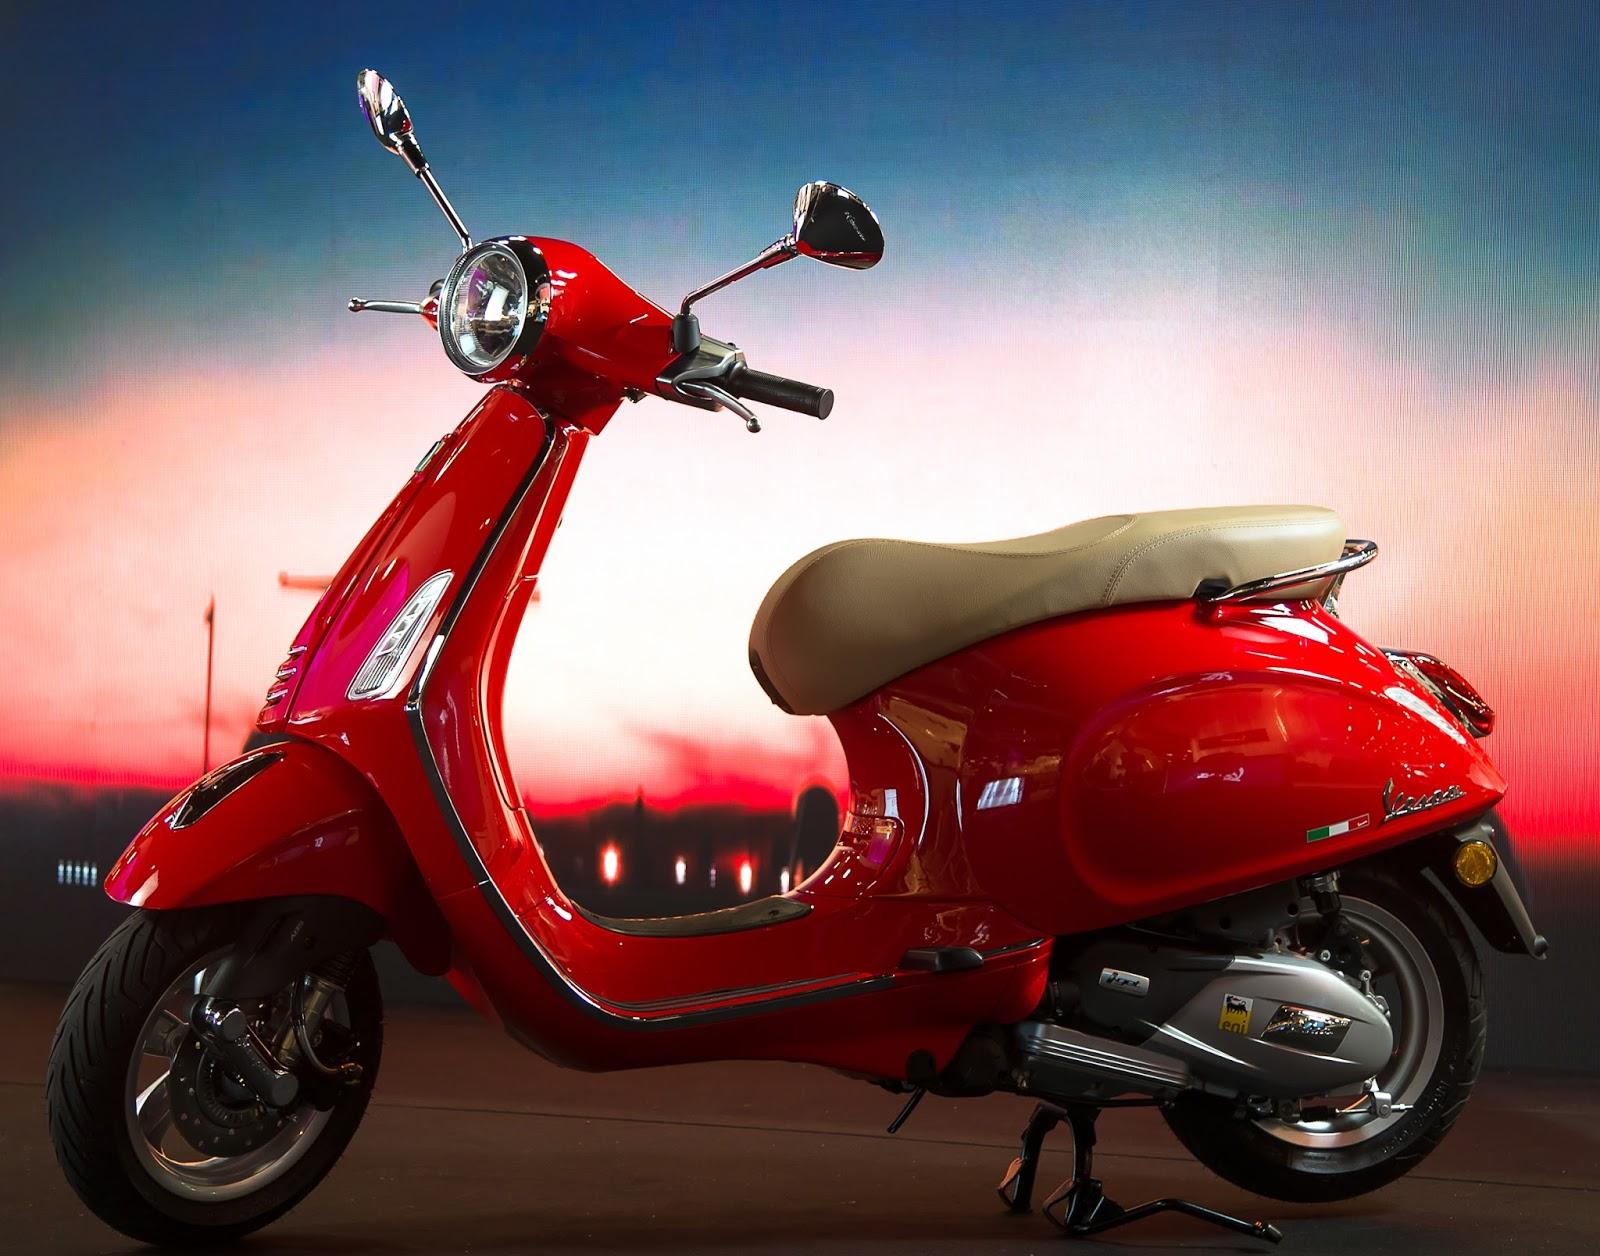 afed8024b ... duas rodas da Itália já podem comemorar, pois a Série Histórica da  Vespa brasileira começou a ser vendida pelo site da marca  (www.vespabrasil.com.br).